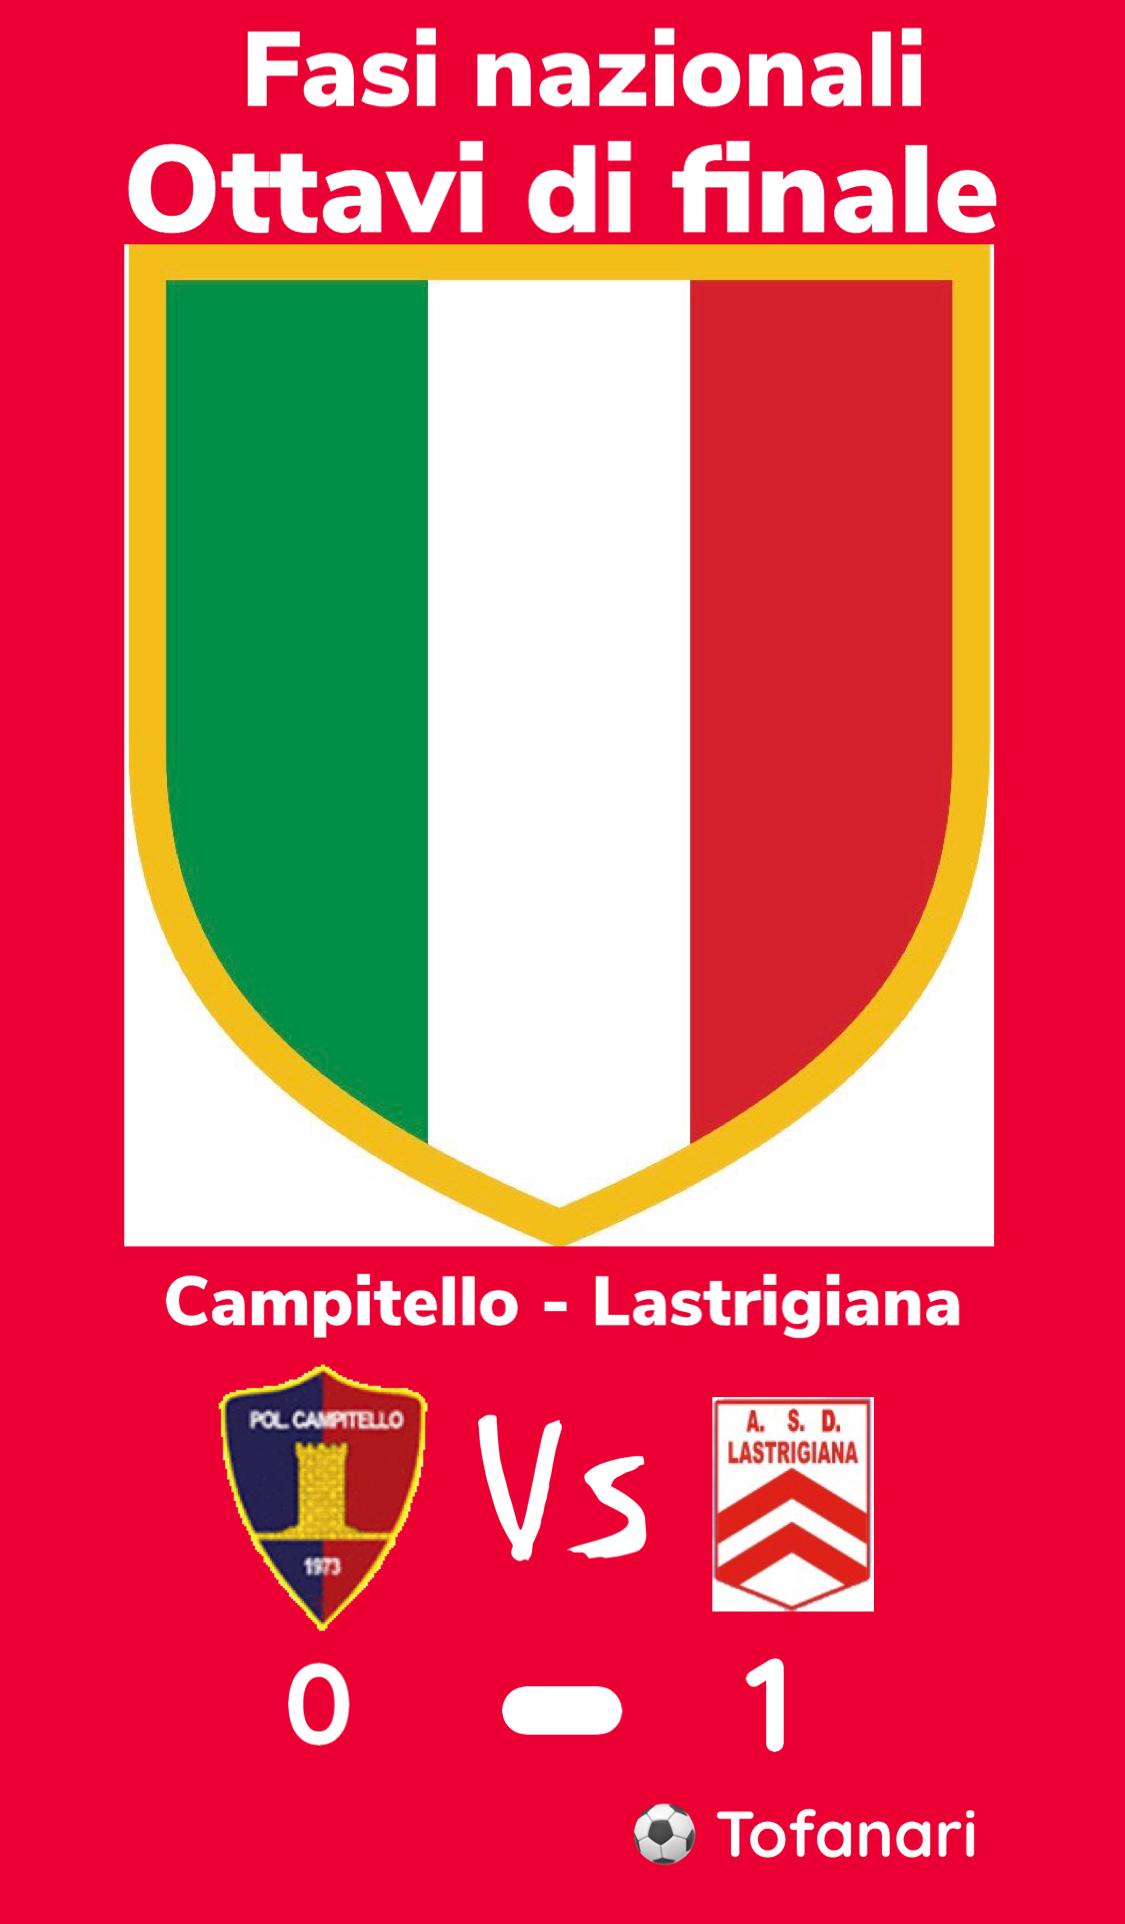 JUNIORES: SIAMO NELLE PRIME OTTO D'ITALIA!!!